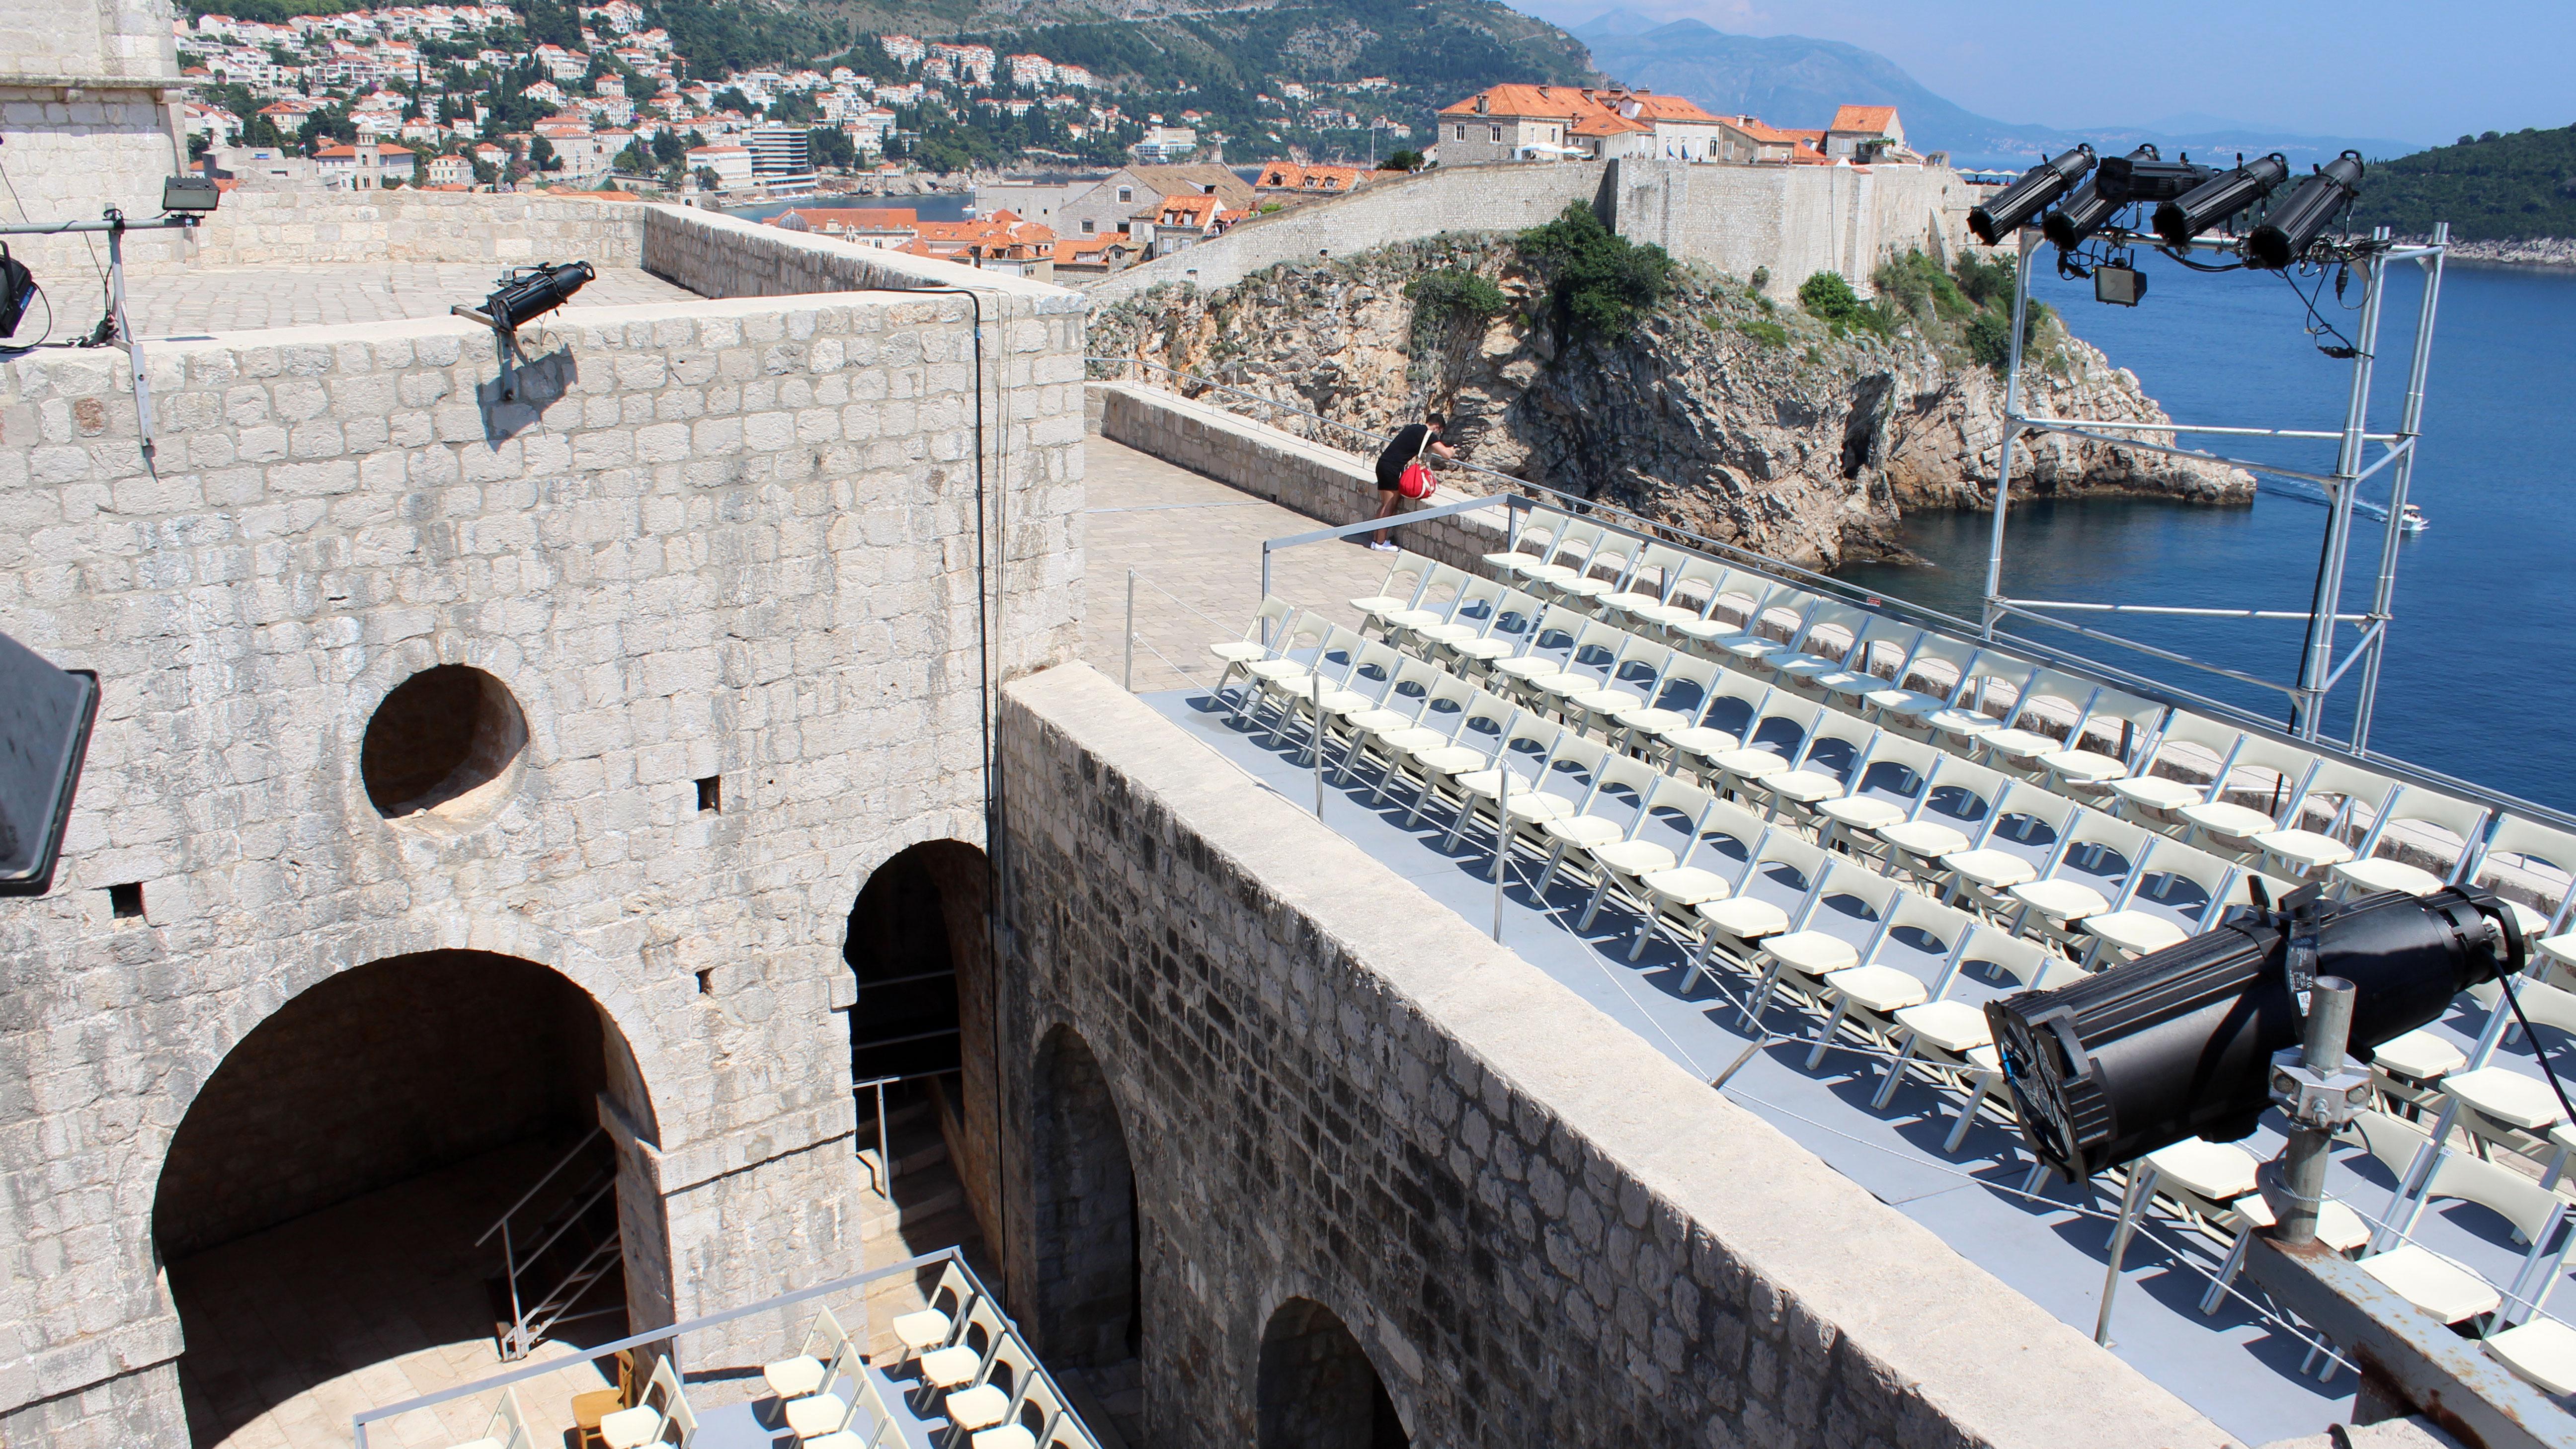 Várias cenas foram gravadas neste Forte. Neste ângulo foi gravada uma cena de luta.